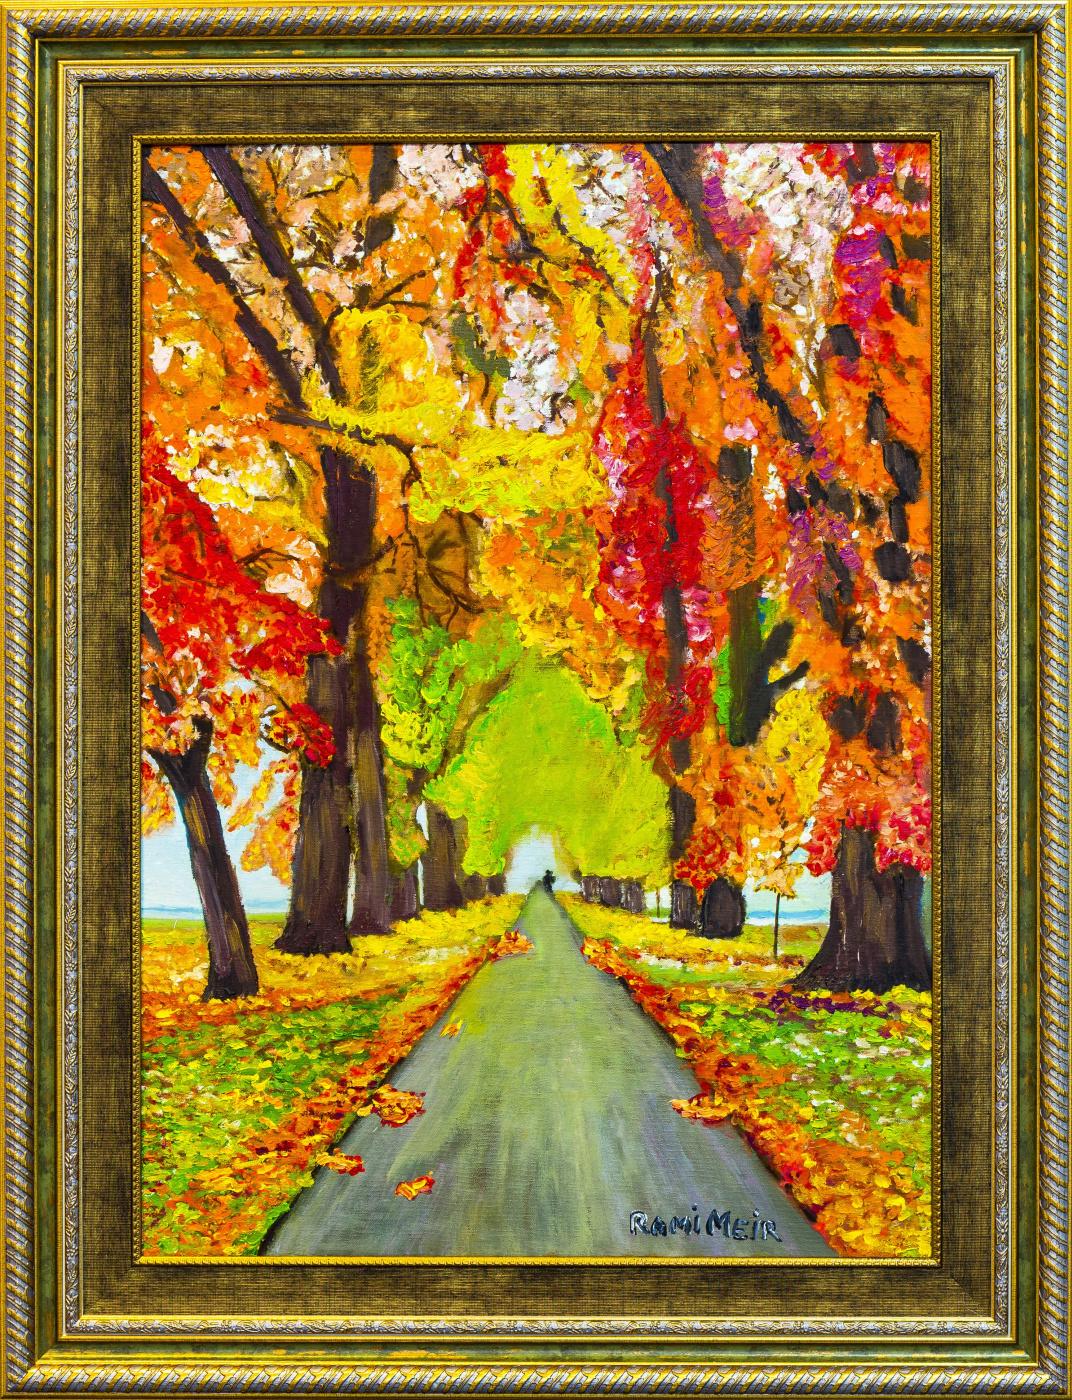 Rami Meir. Autumn road